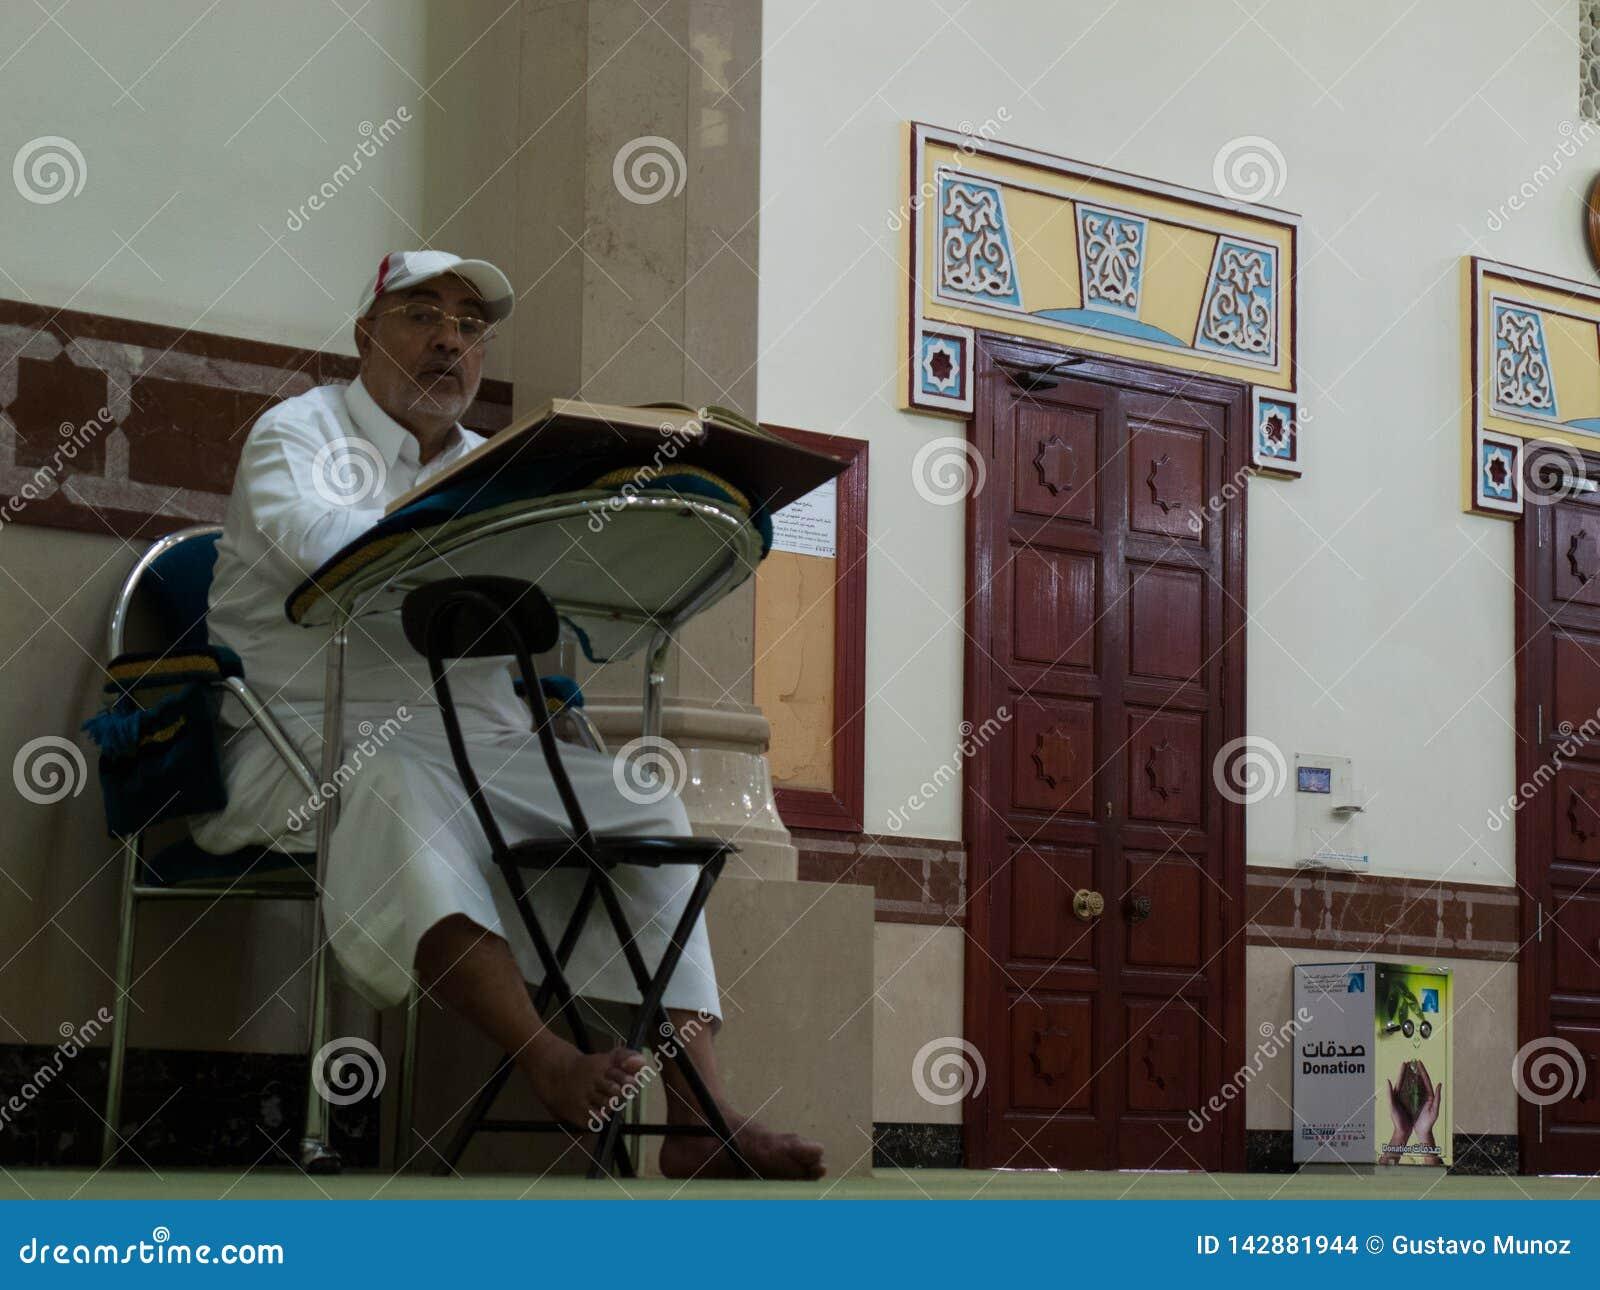 Dubaï, EAU - mars, 03, 2017 : Un homme lisant le livre de koran dans une mosquée à Dubaï